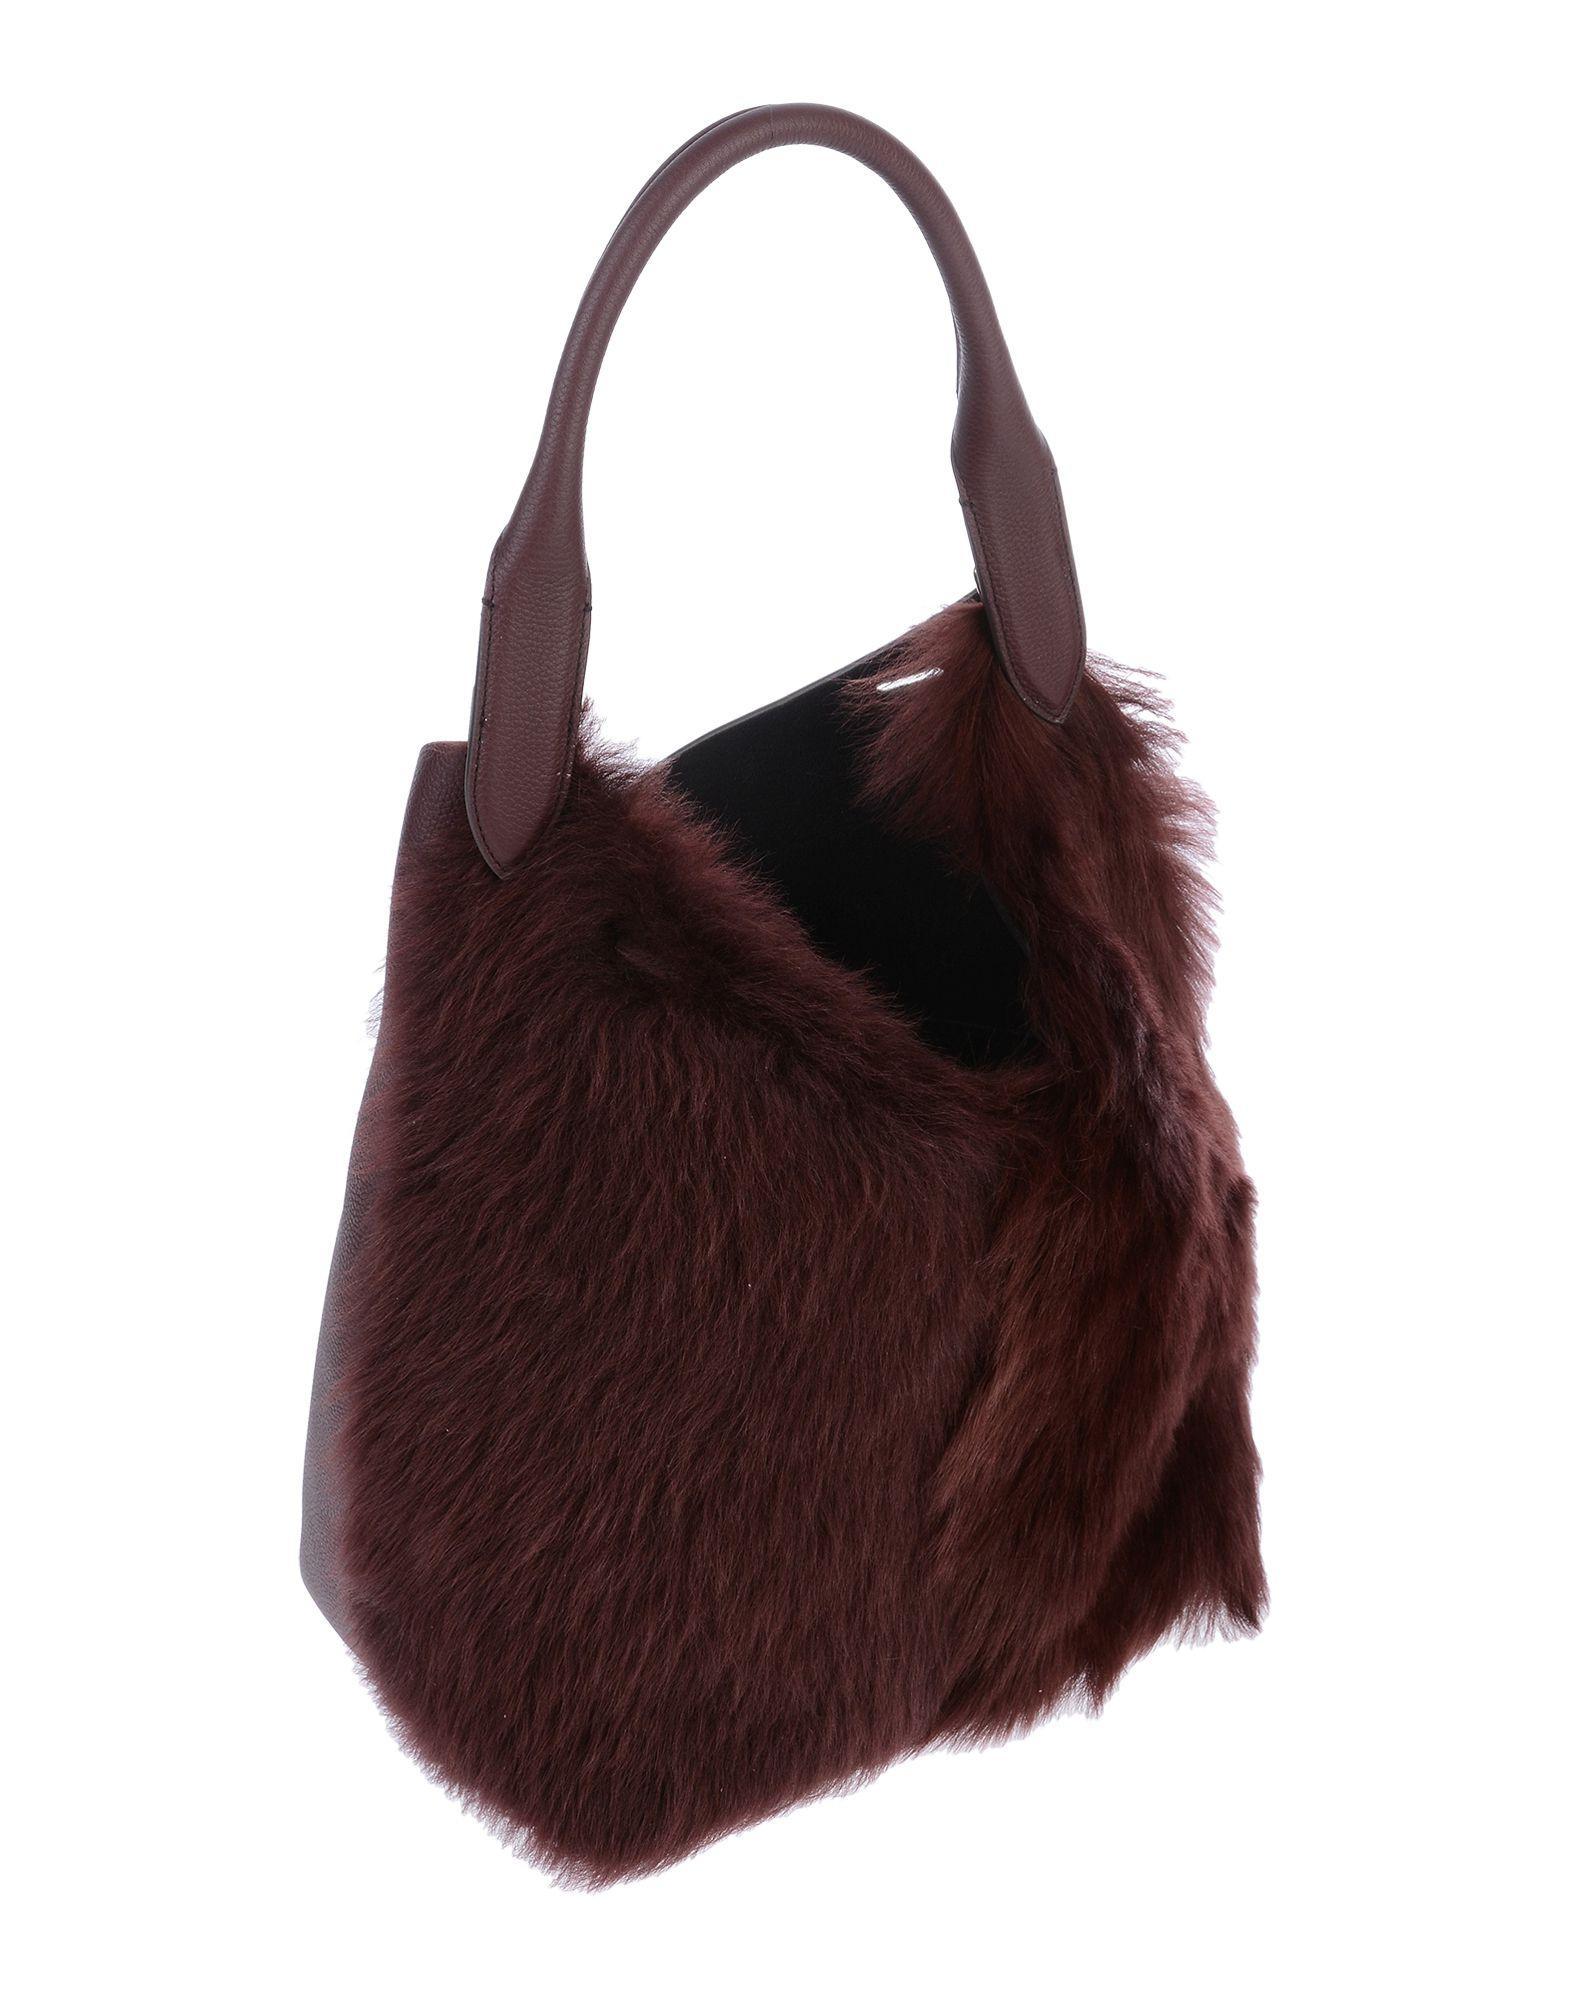 Anya Hindmarch Handtaschen 4w06u